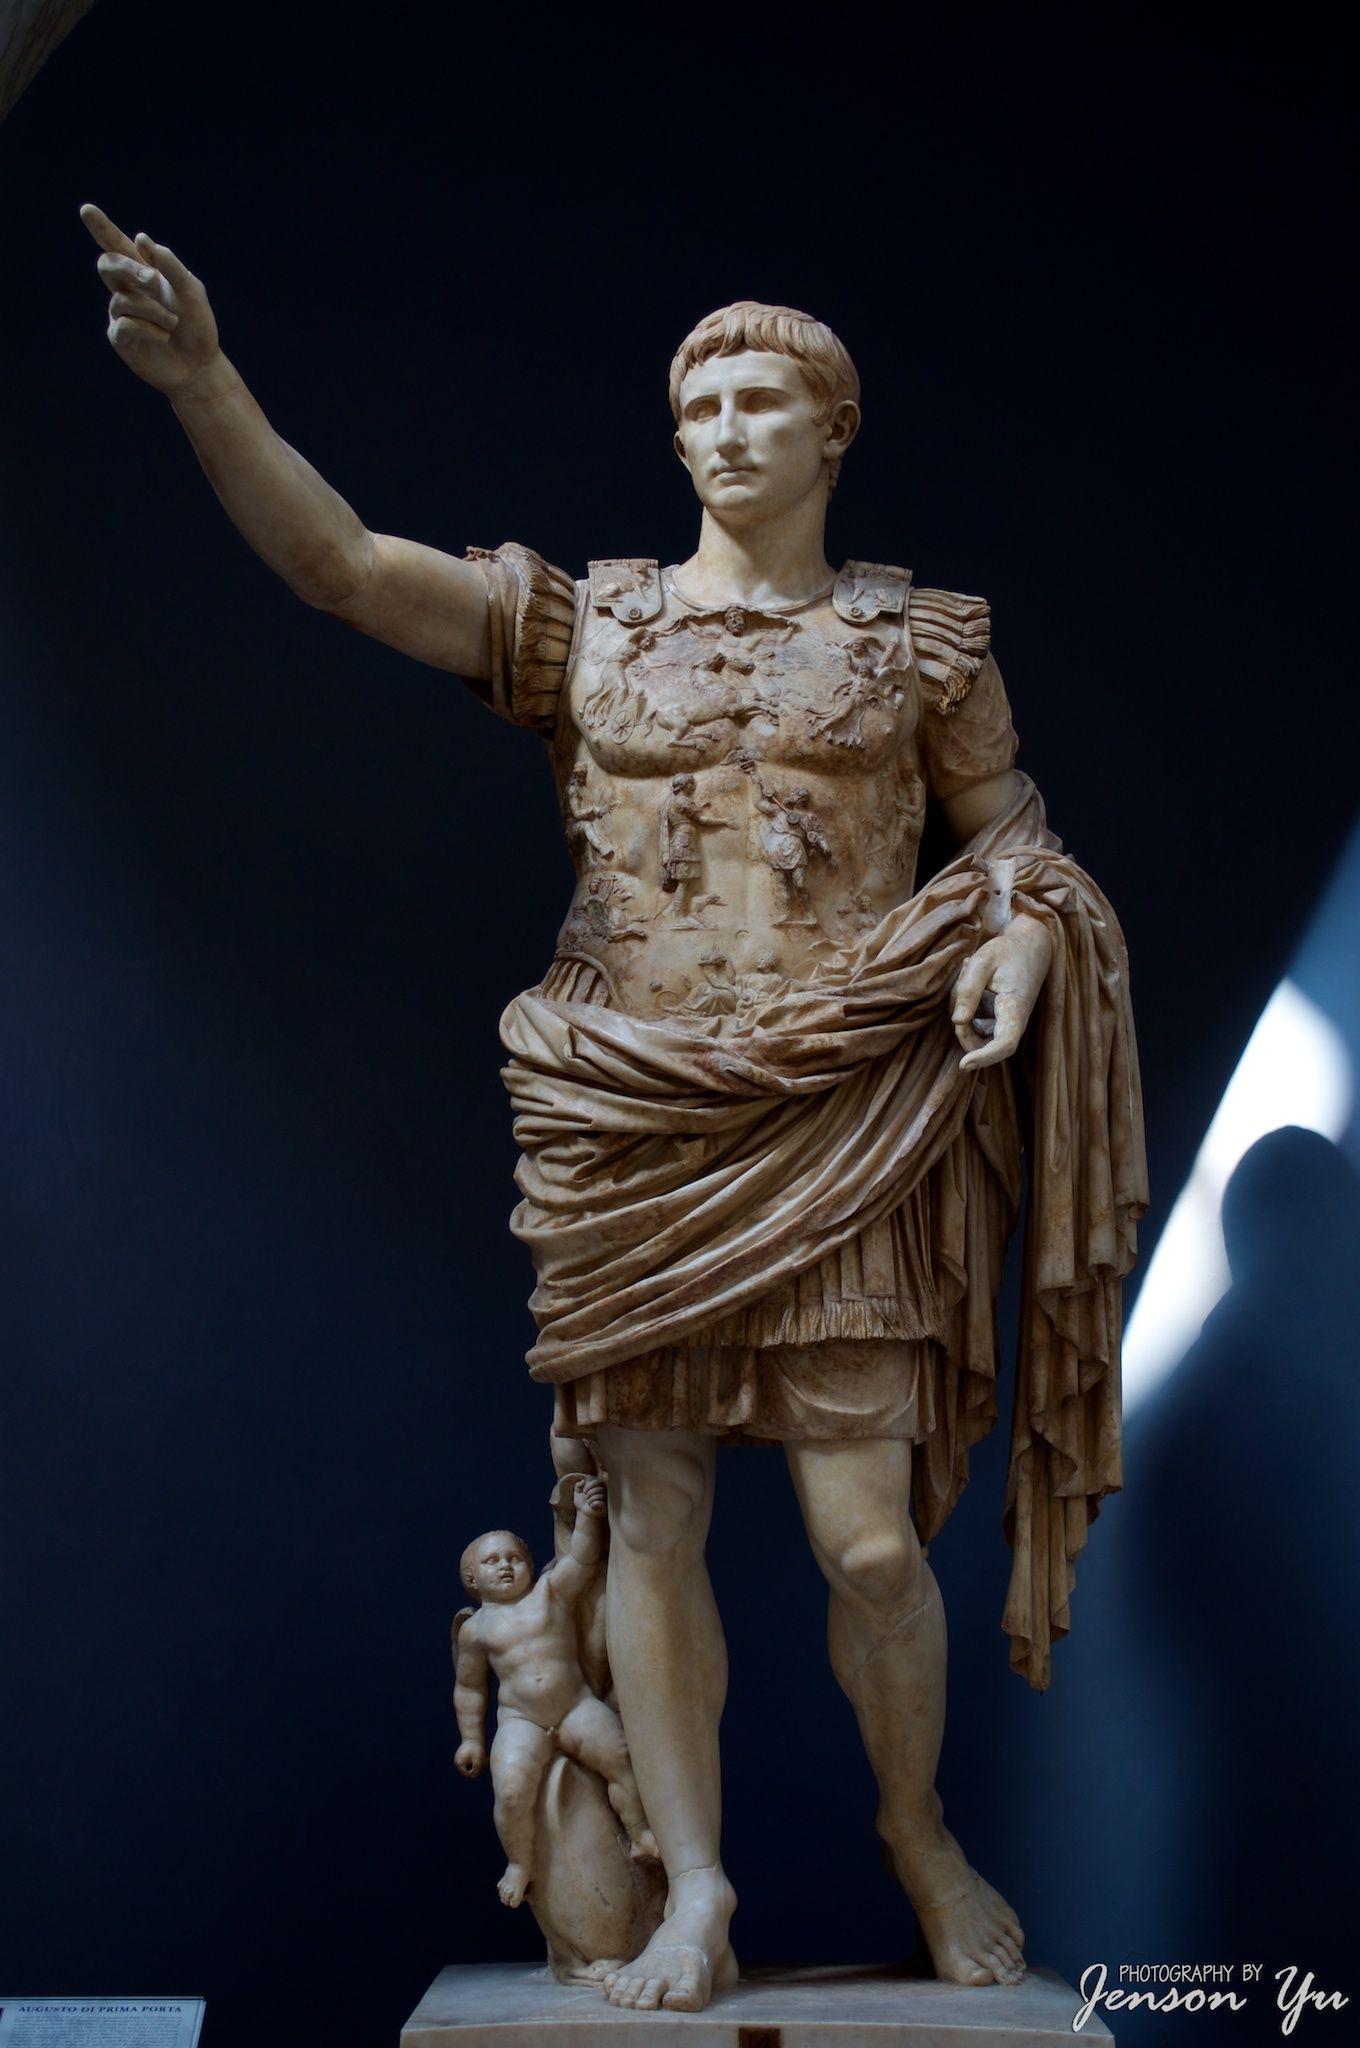 Statue Of Augustus Caesar The First Roman Emperor